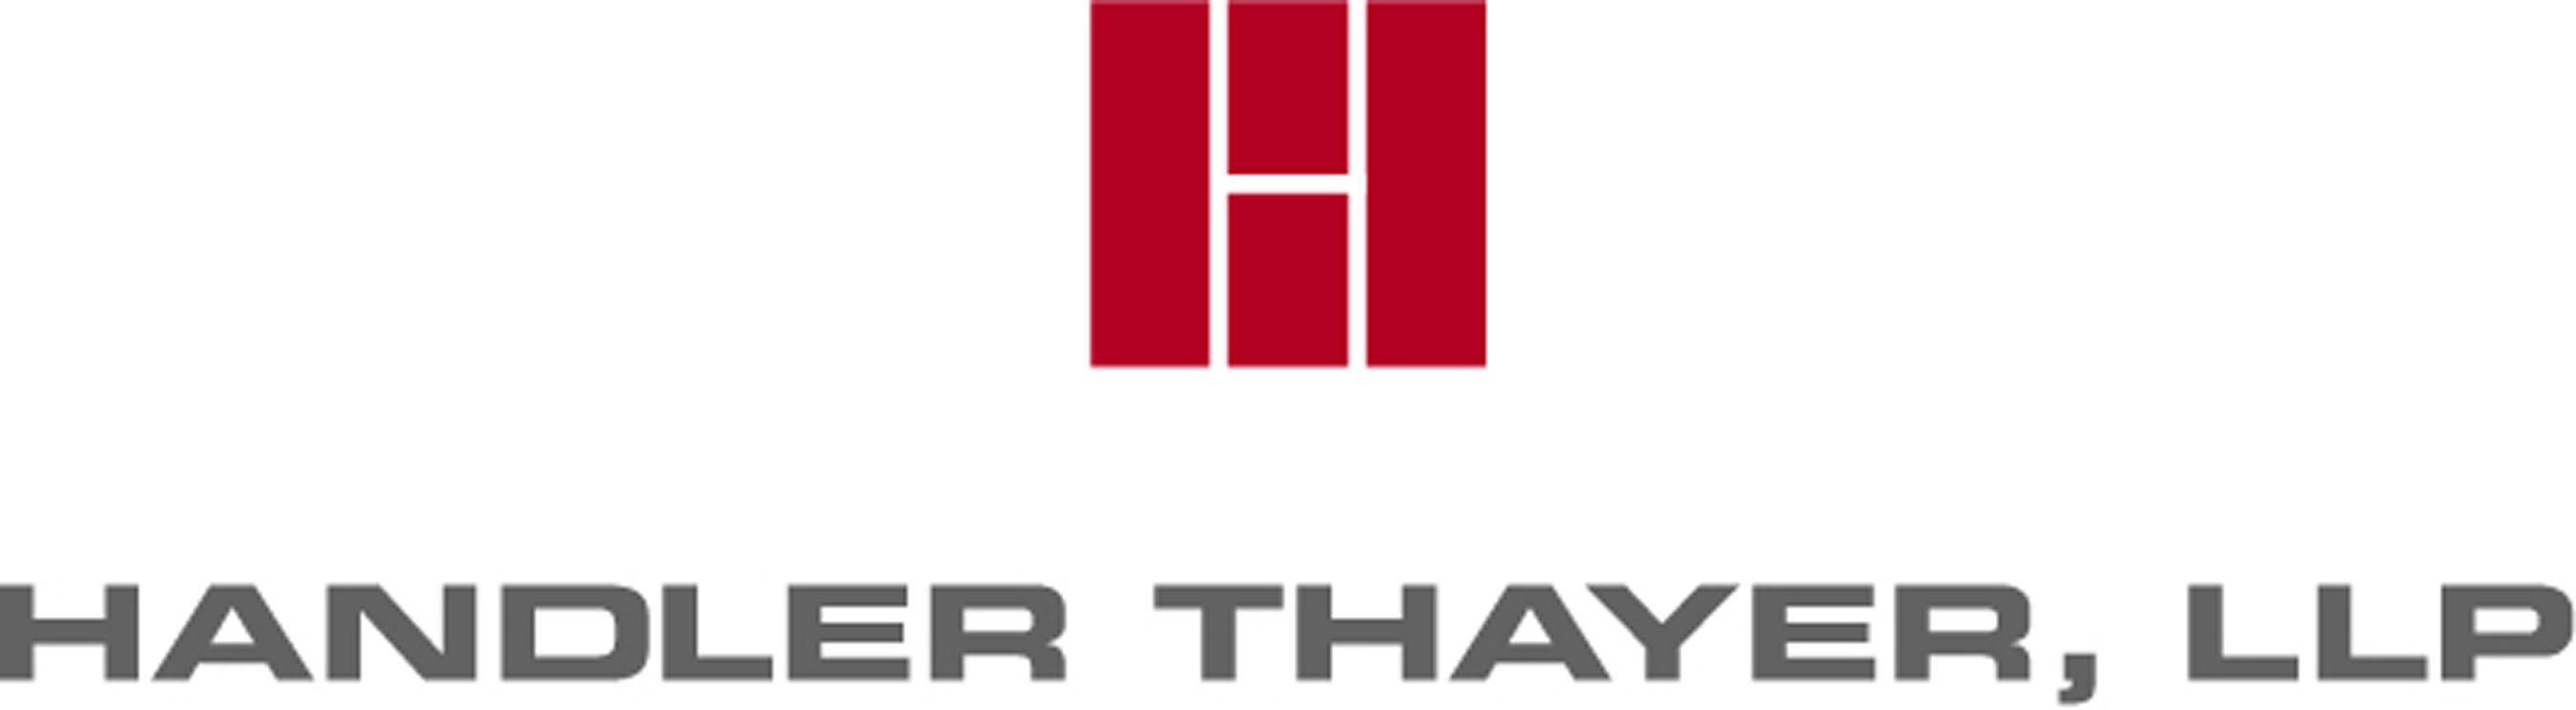 Handler Thayer, LLP Wins Unprecedented Recognition